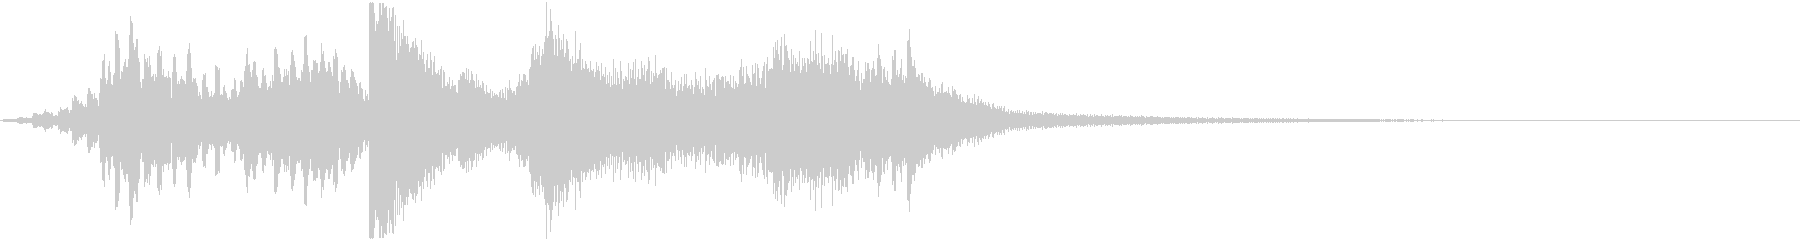 和風ジングル10秒(琴/流し爪)の未再生の波形